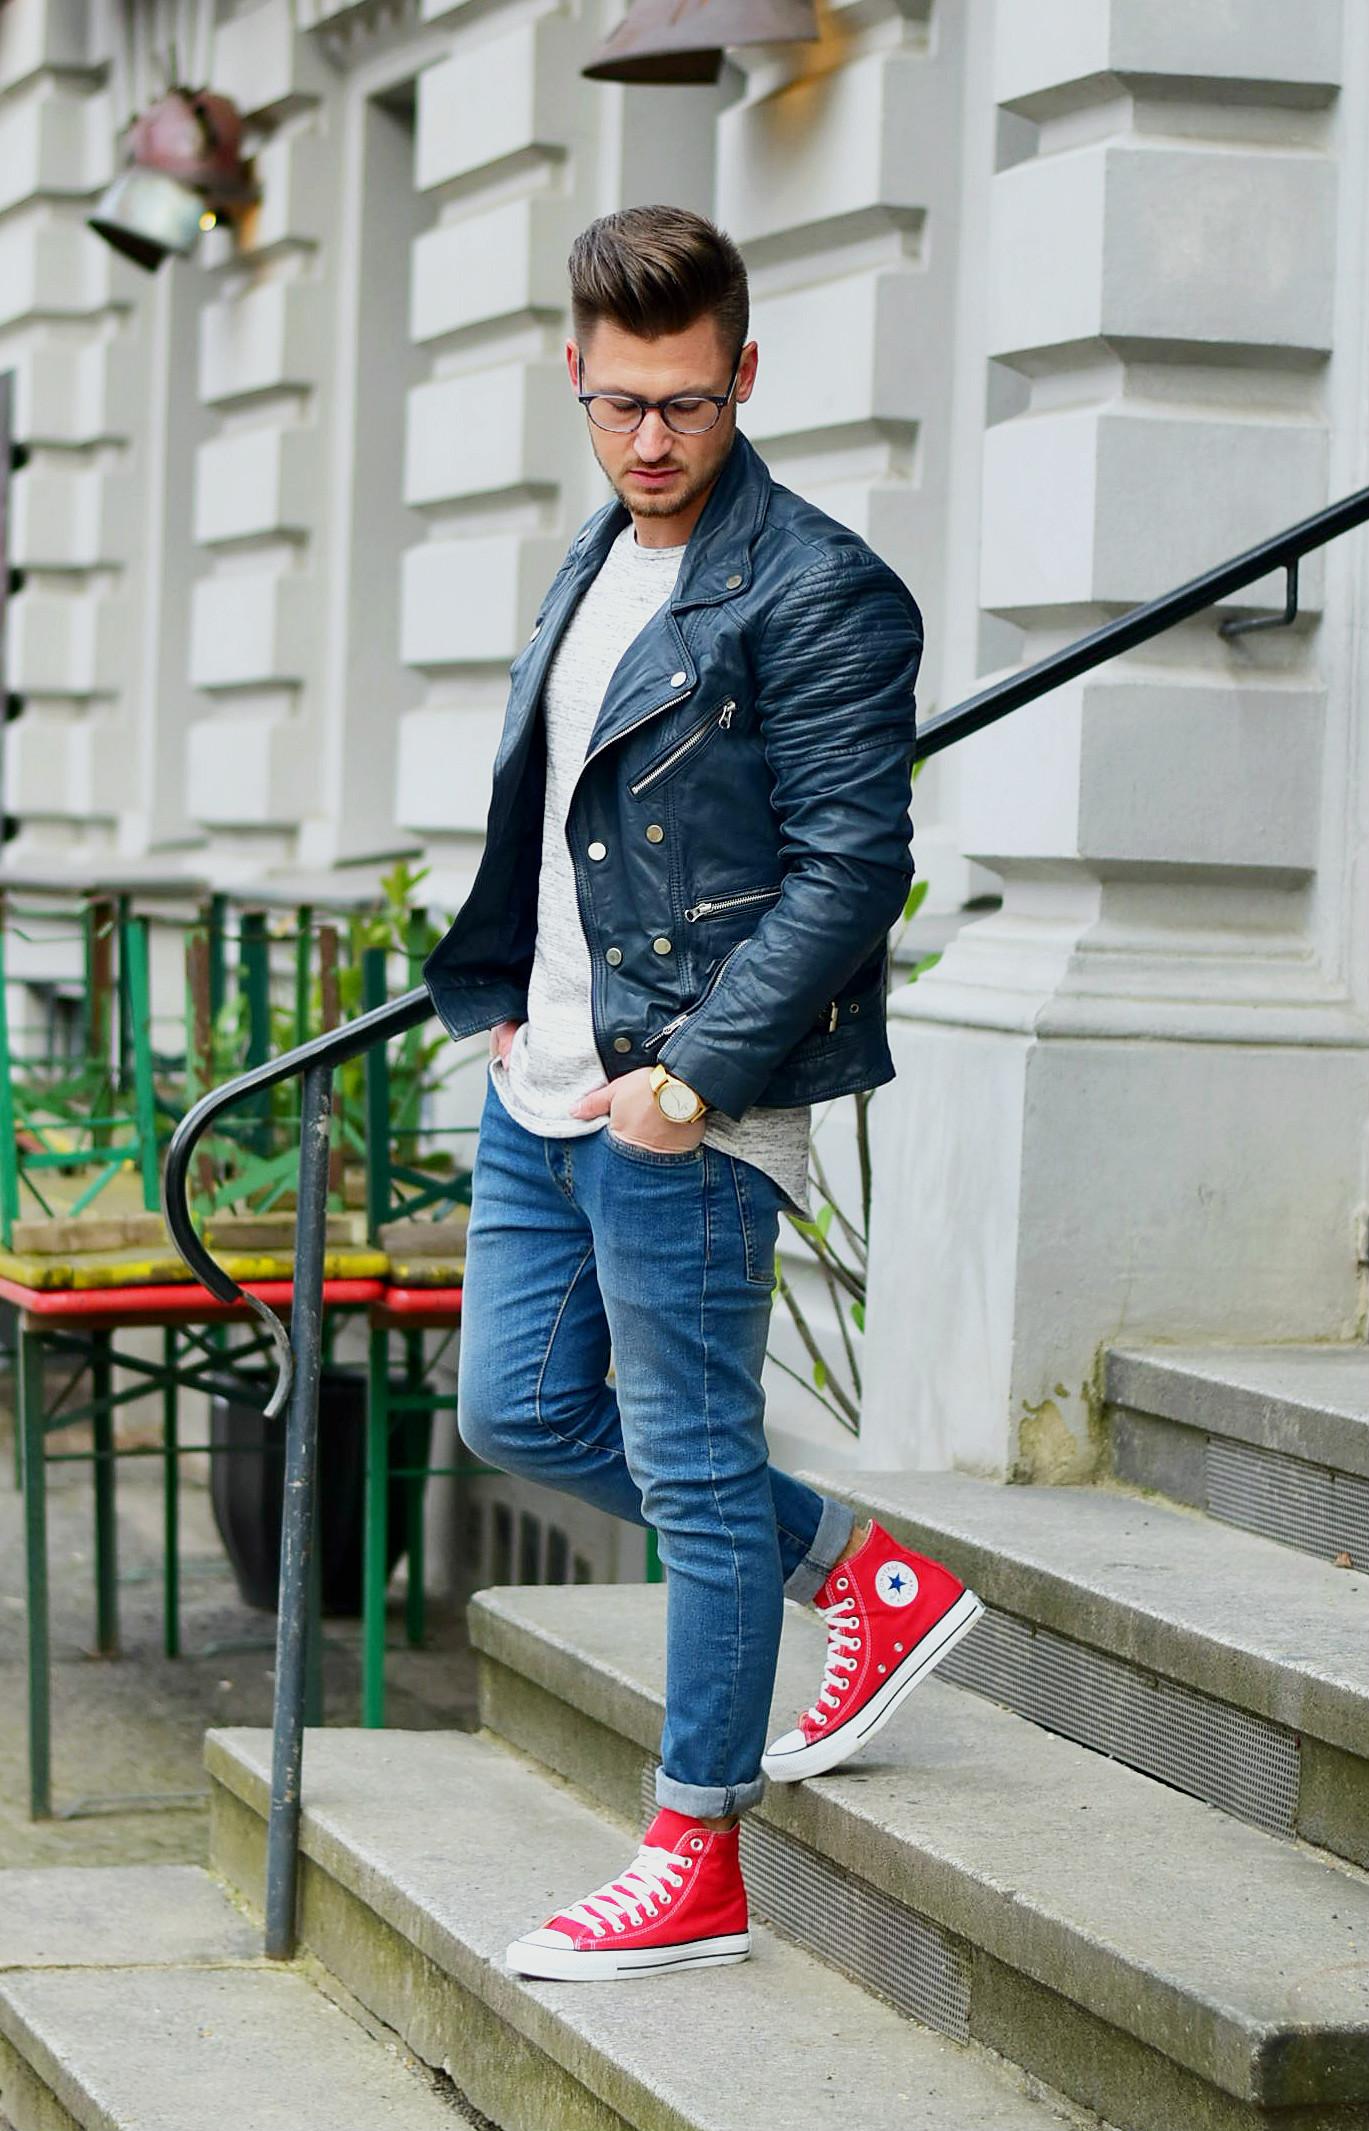 Tommeezjerry-Styleblog-Männerblog-Modeblog-Berlin-Outfit-Streetlook-Skinny-Jeans-Marineblaue-Bikerjacke-Rote-Converse-Chuck-Taylor-Northern-Legacy